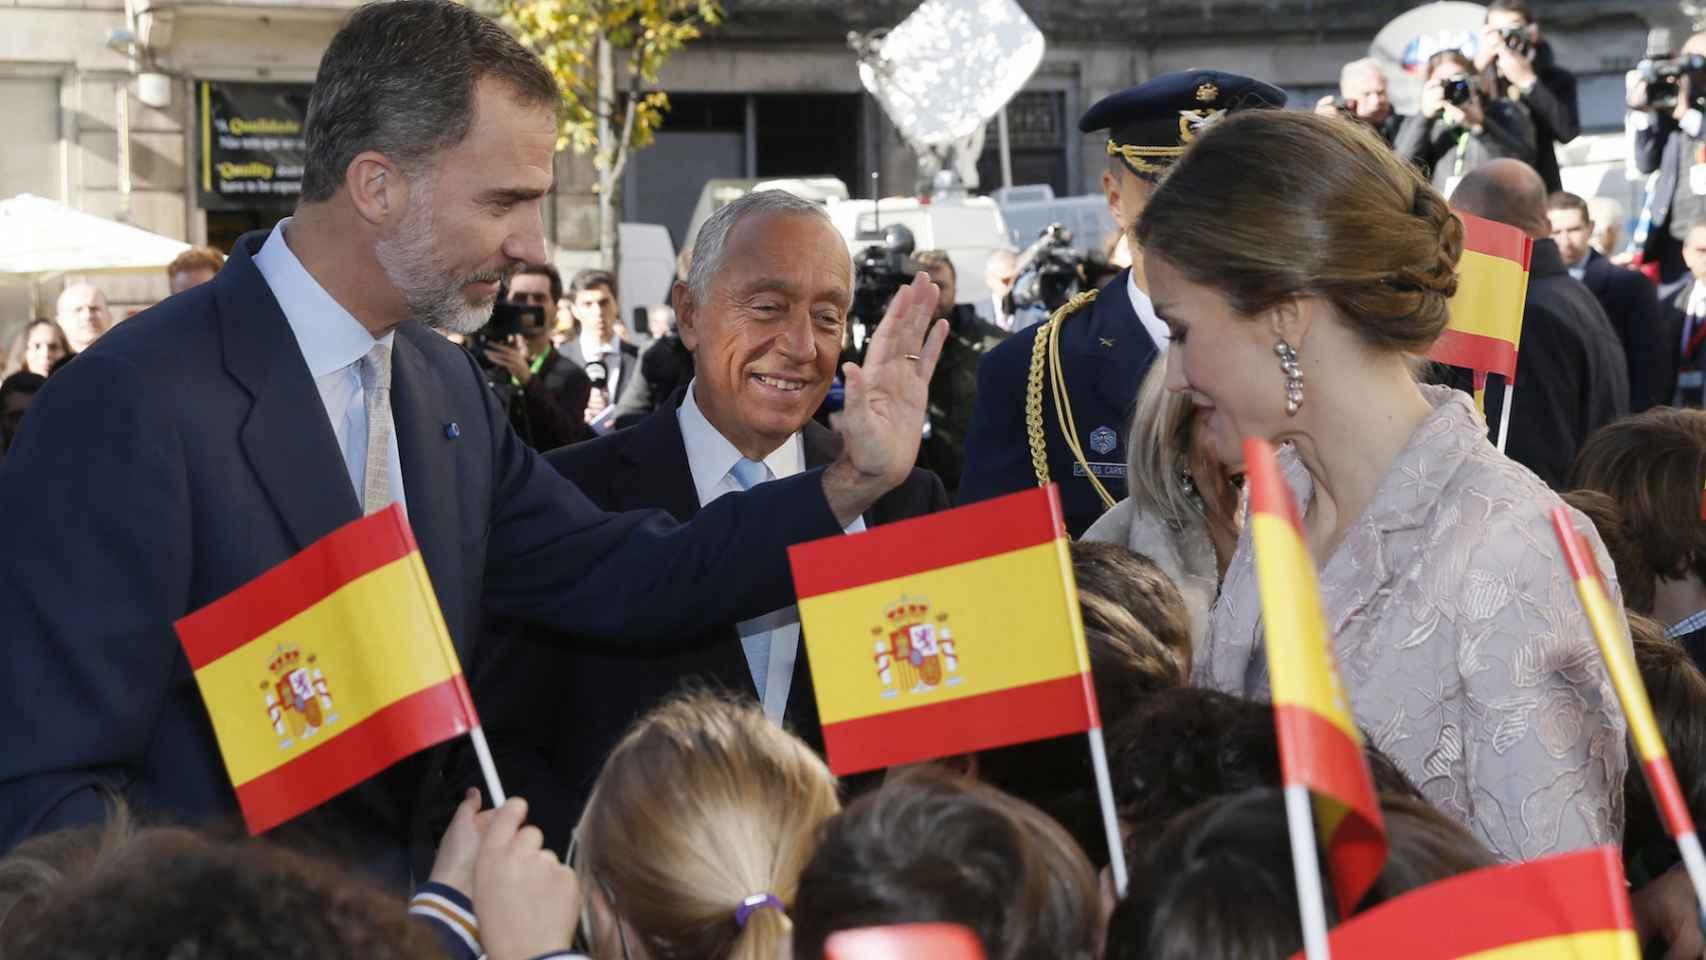 Los reyes, este lunes en Guimaraes junto al presidente de la república portuguesa.